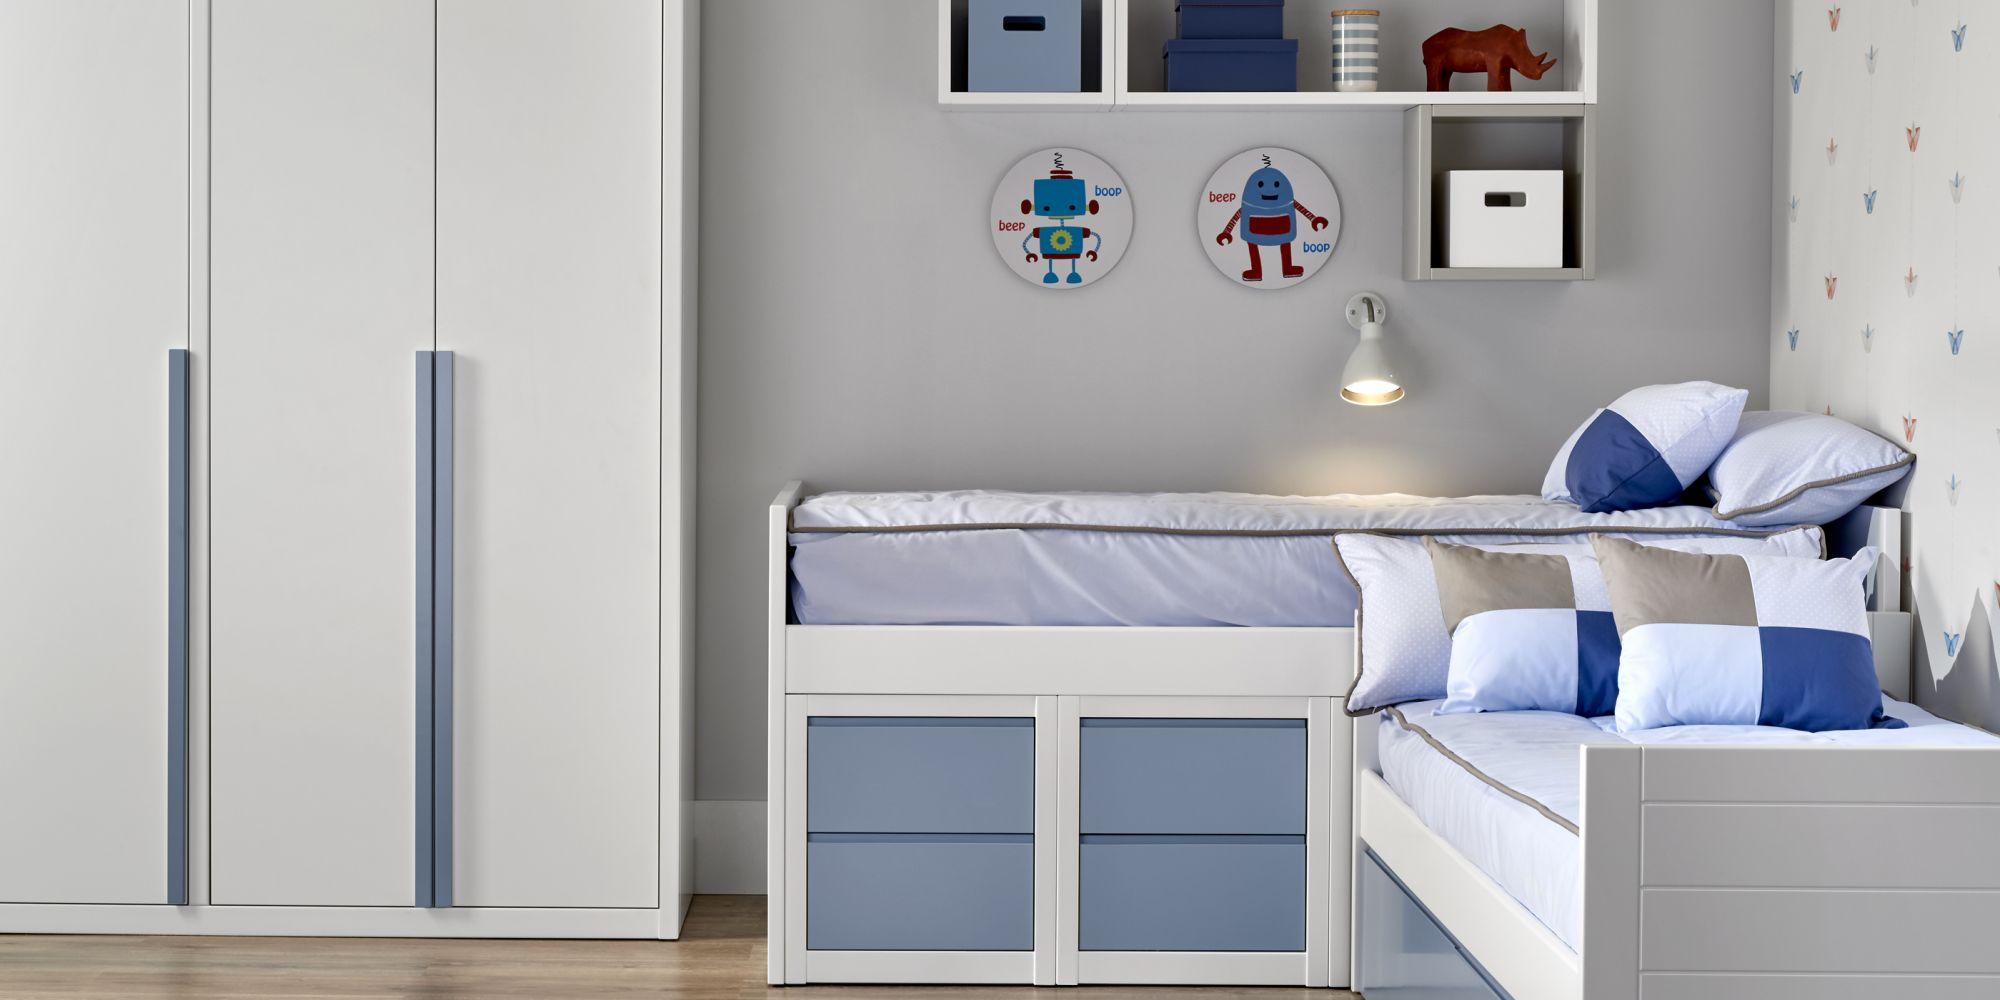 Bloque bajo de tres camas y almacenamiento